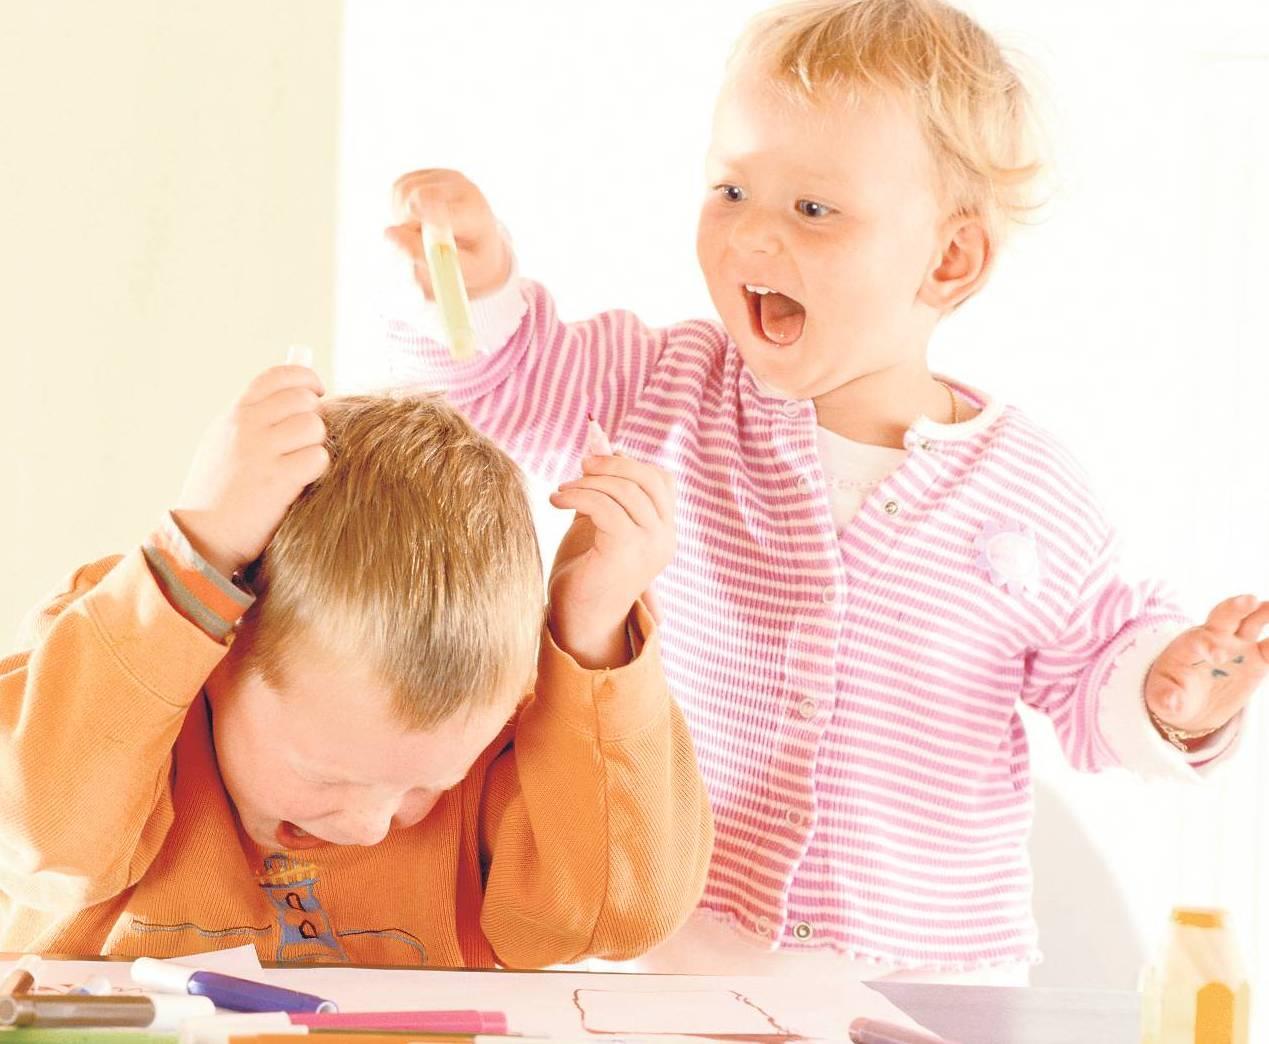 Как исправить плохое поведение ребенка?